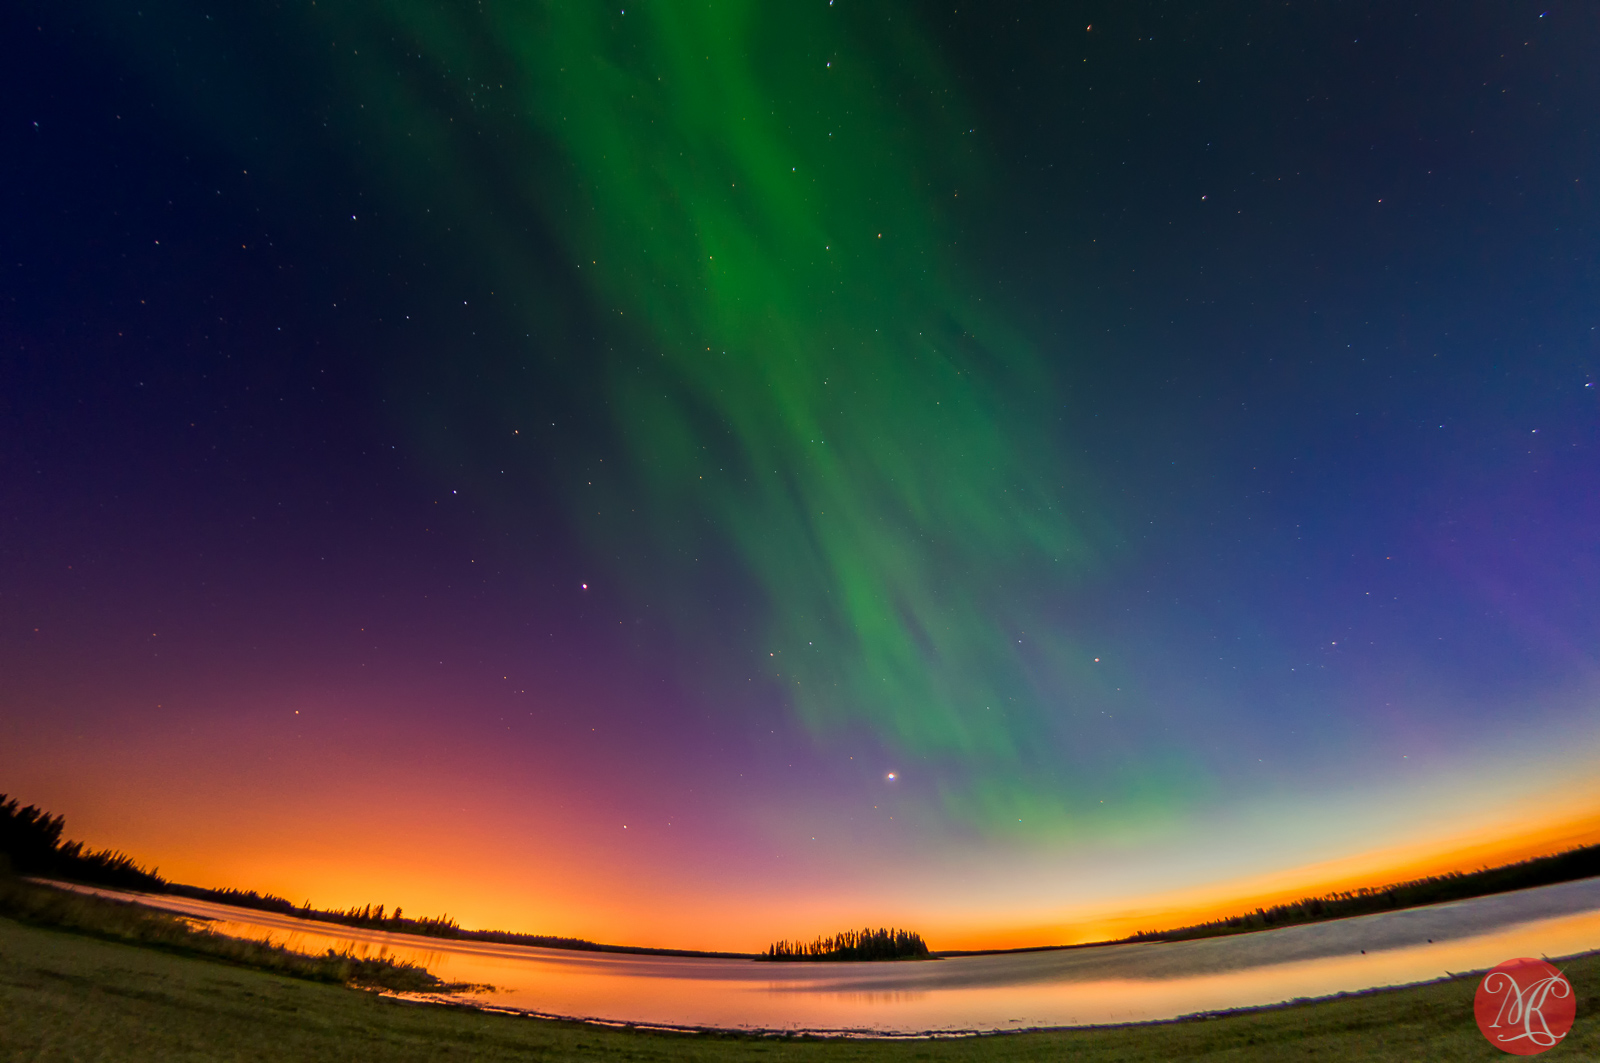 Amazing Aurora night